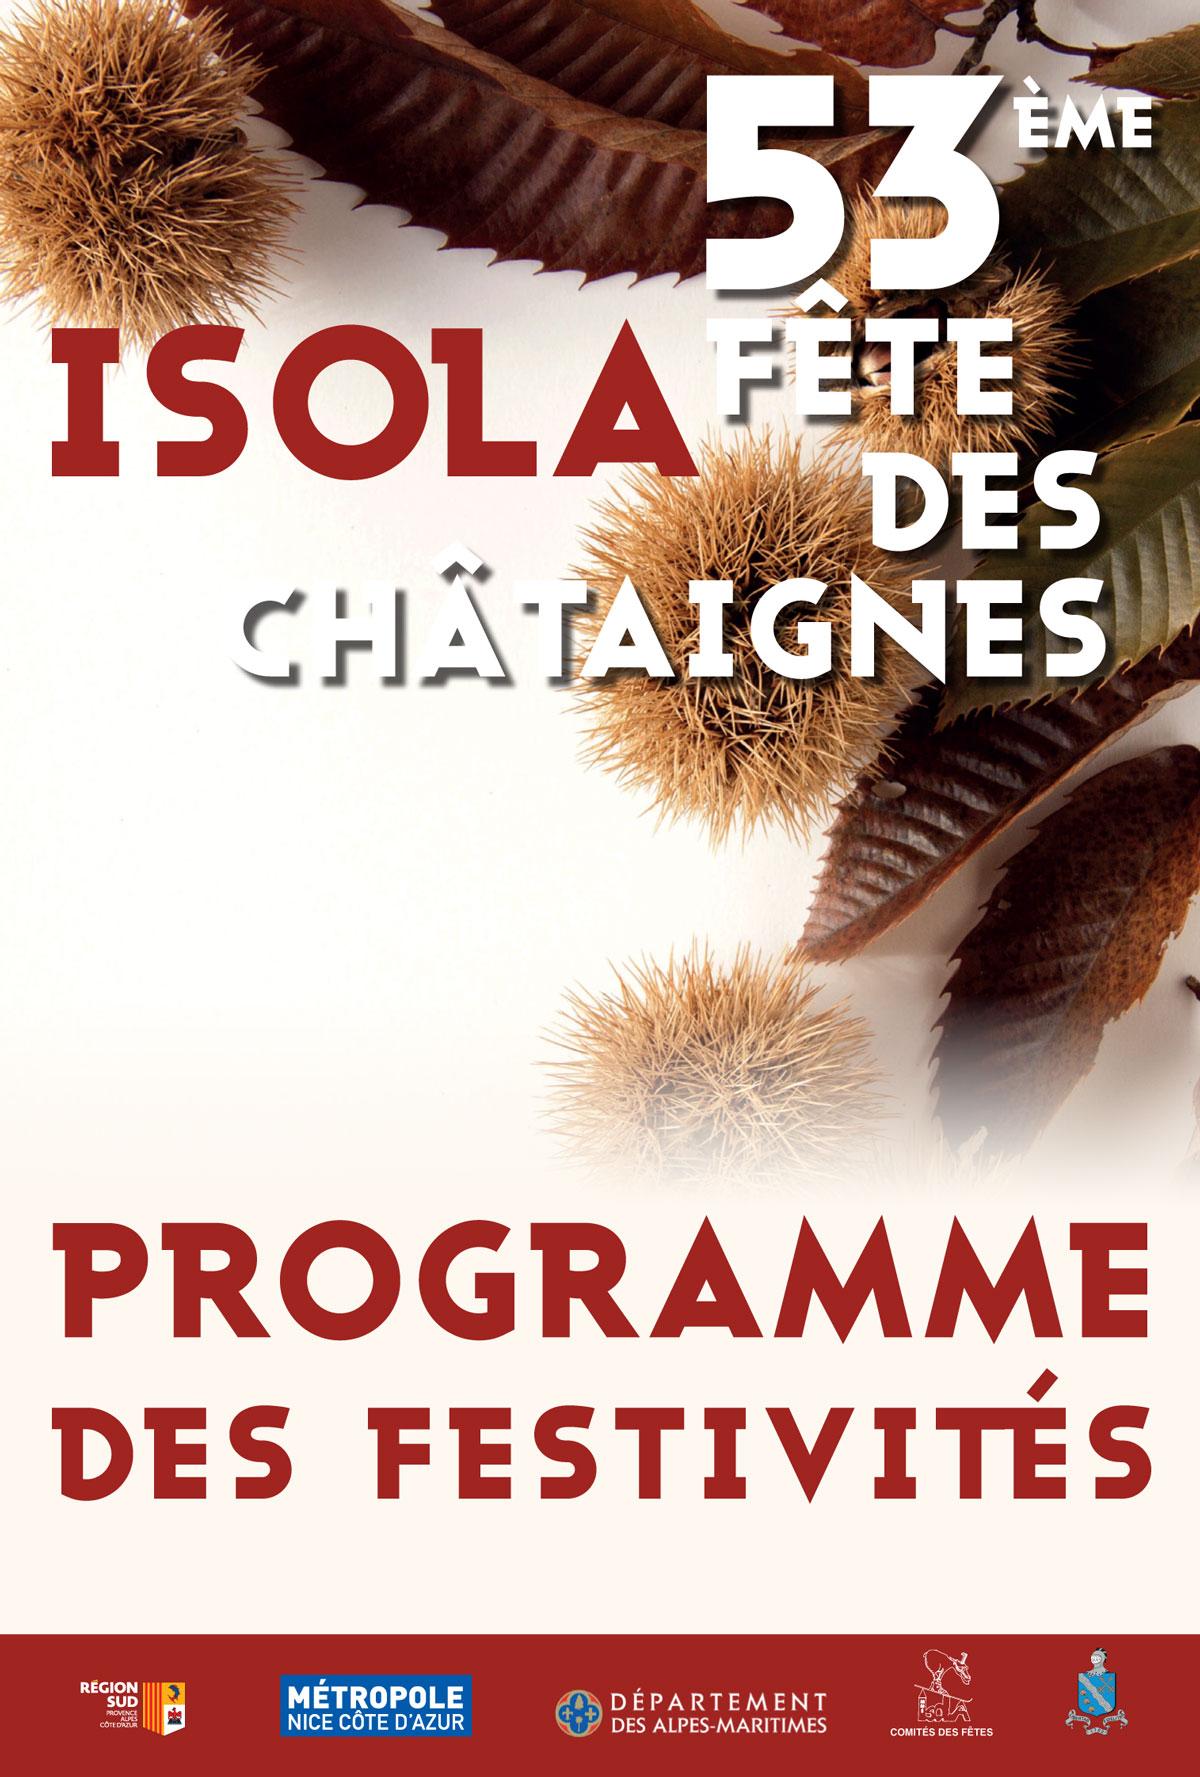 53ème fête des chataignes à Isola